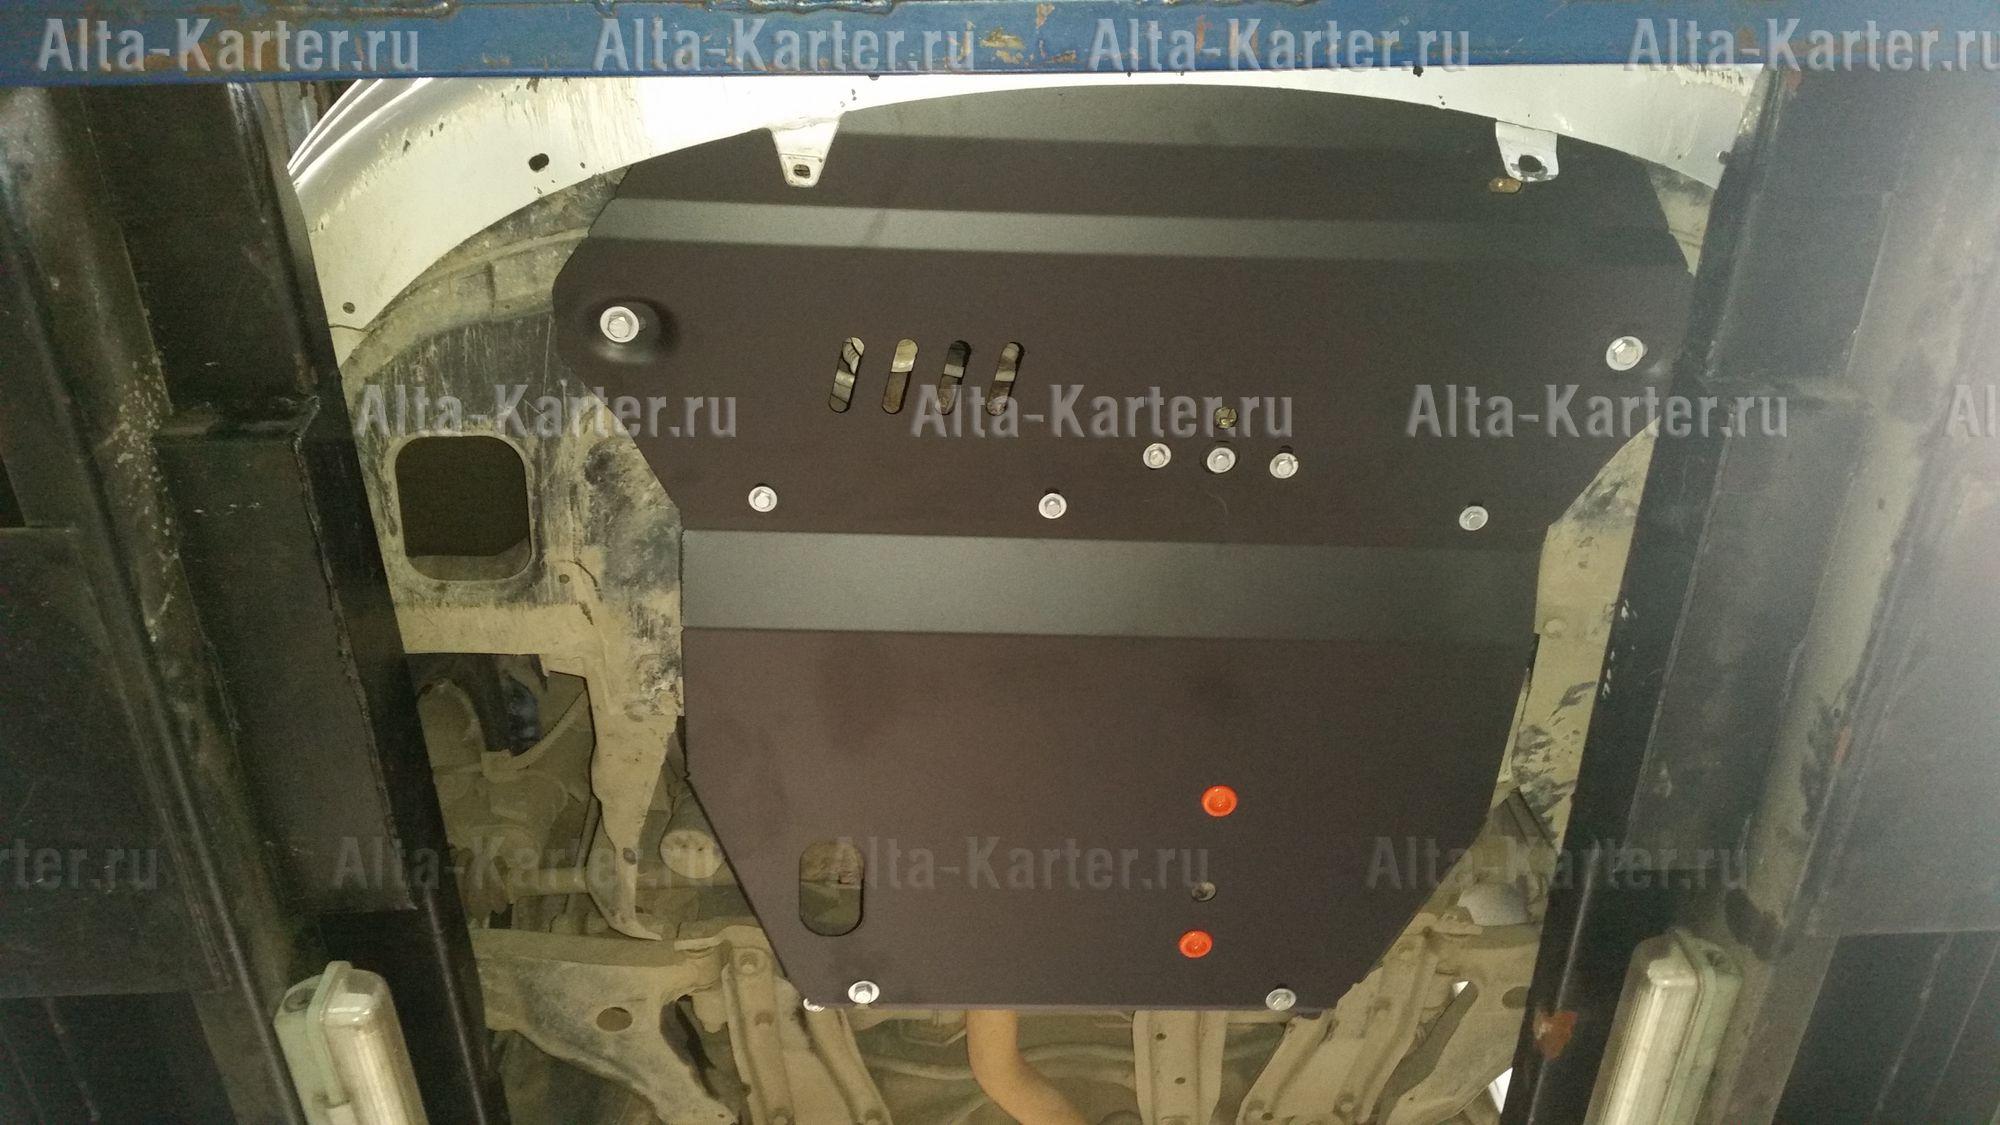 Защита Alfeco для картера и КПП Mitsubishi Eclipse III 2000-2005. Артикул ALF.14.53